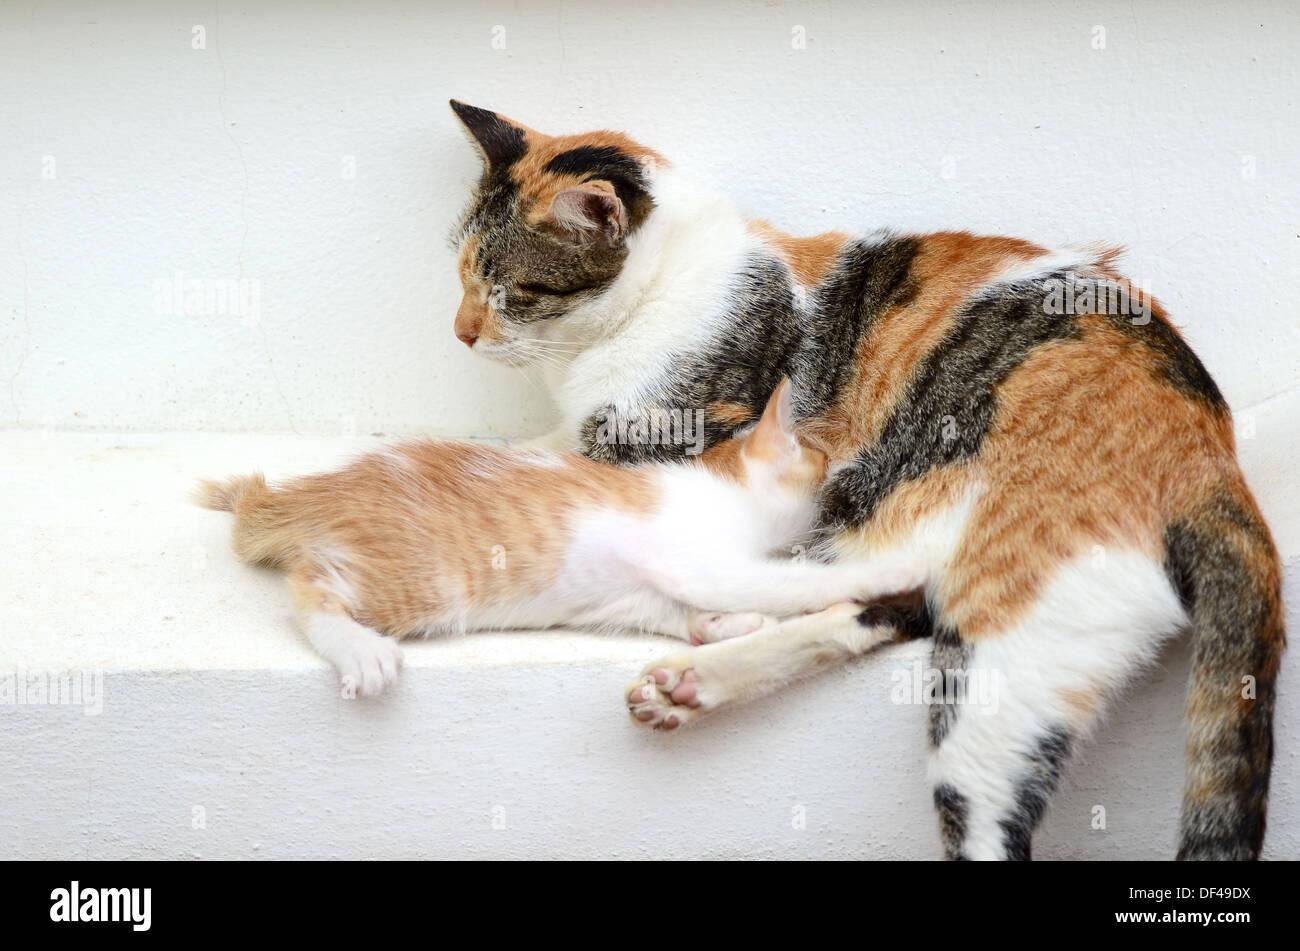 kitten drinking milk - Stock Image